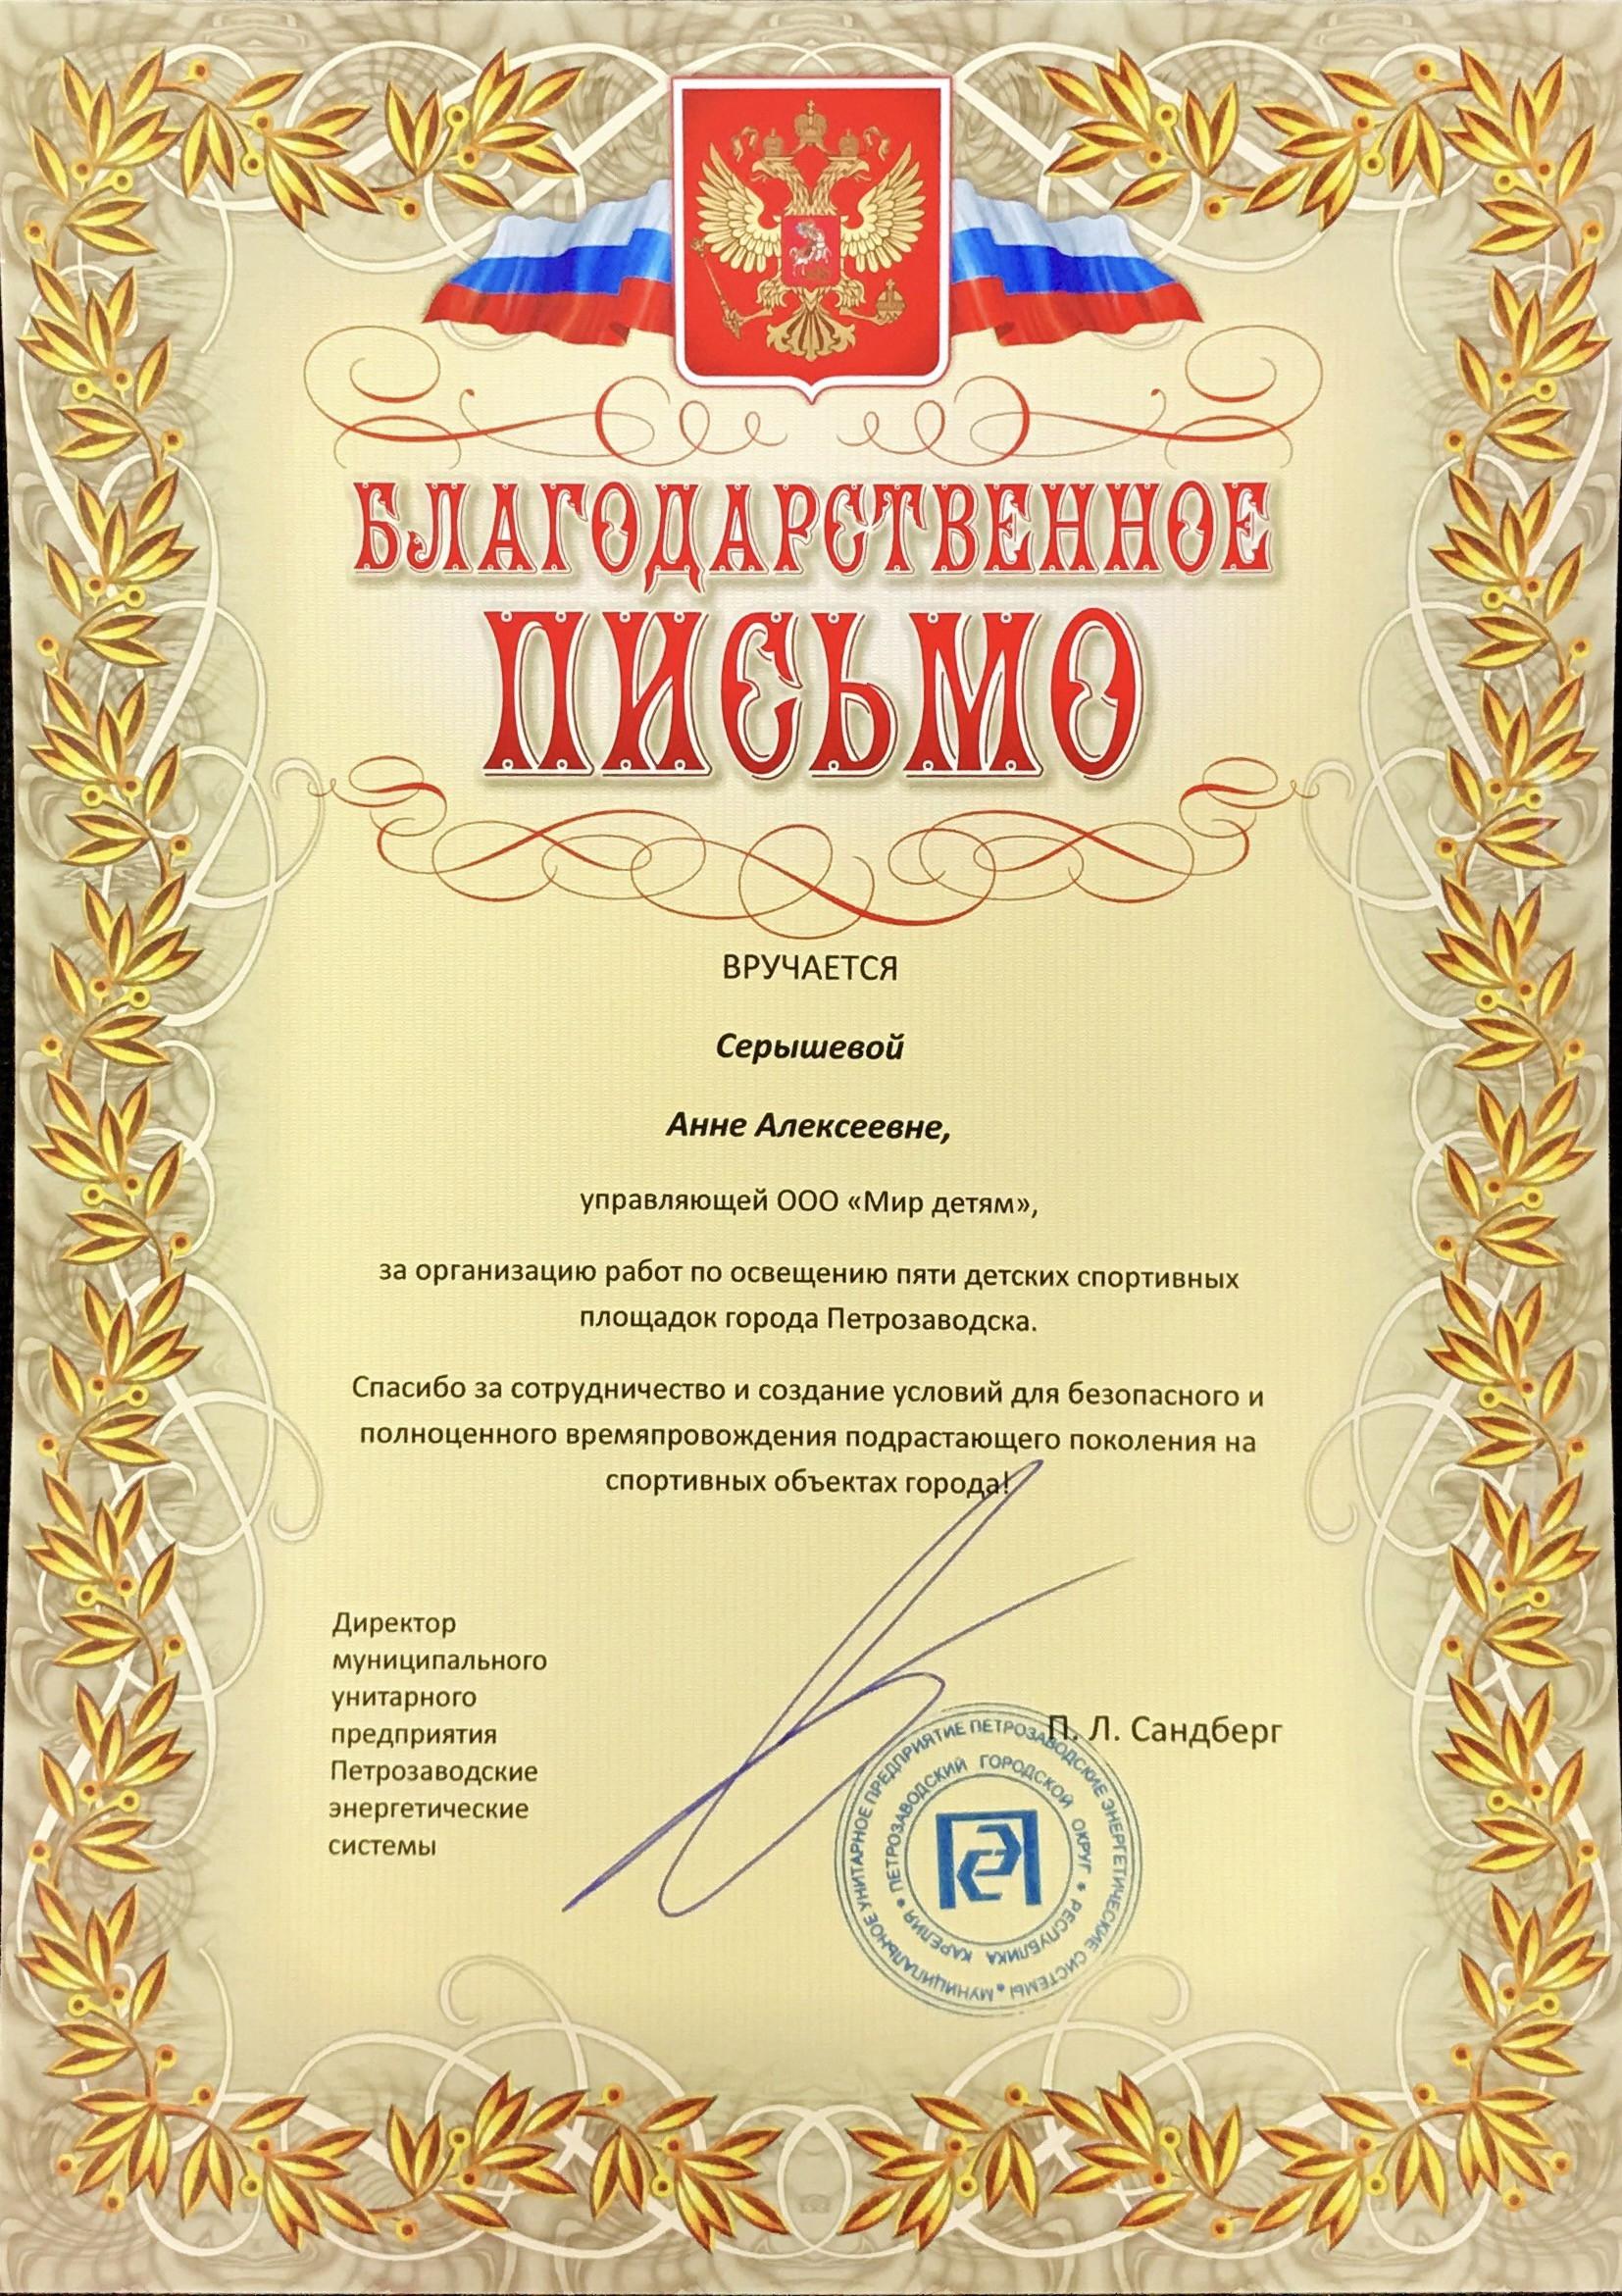 МУП Петрозаводские энергетические системы